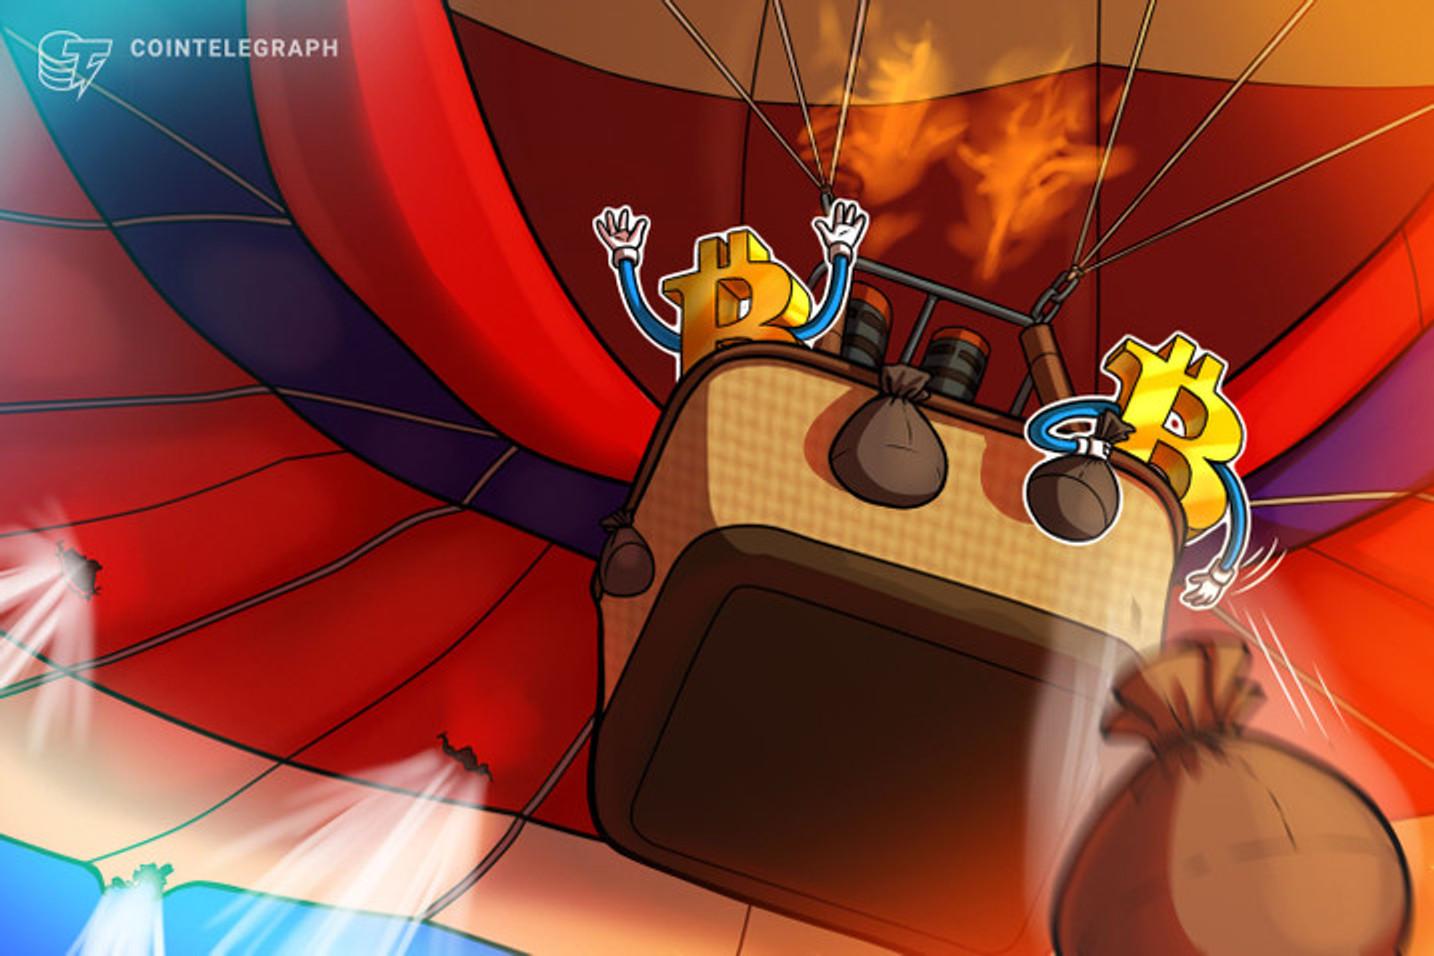 Mercado Bitcoin firma parceria inédita com TradersClub